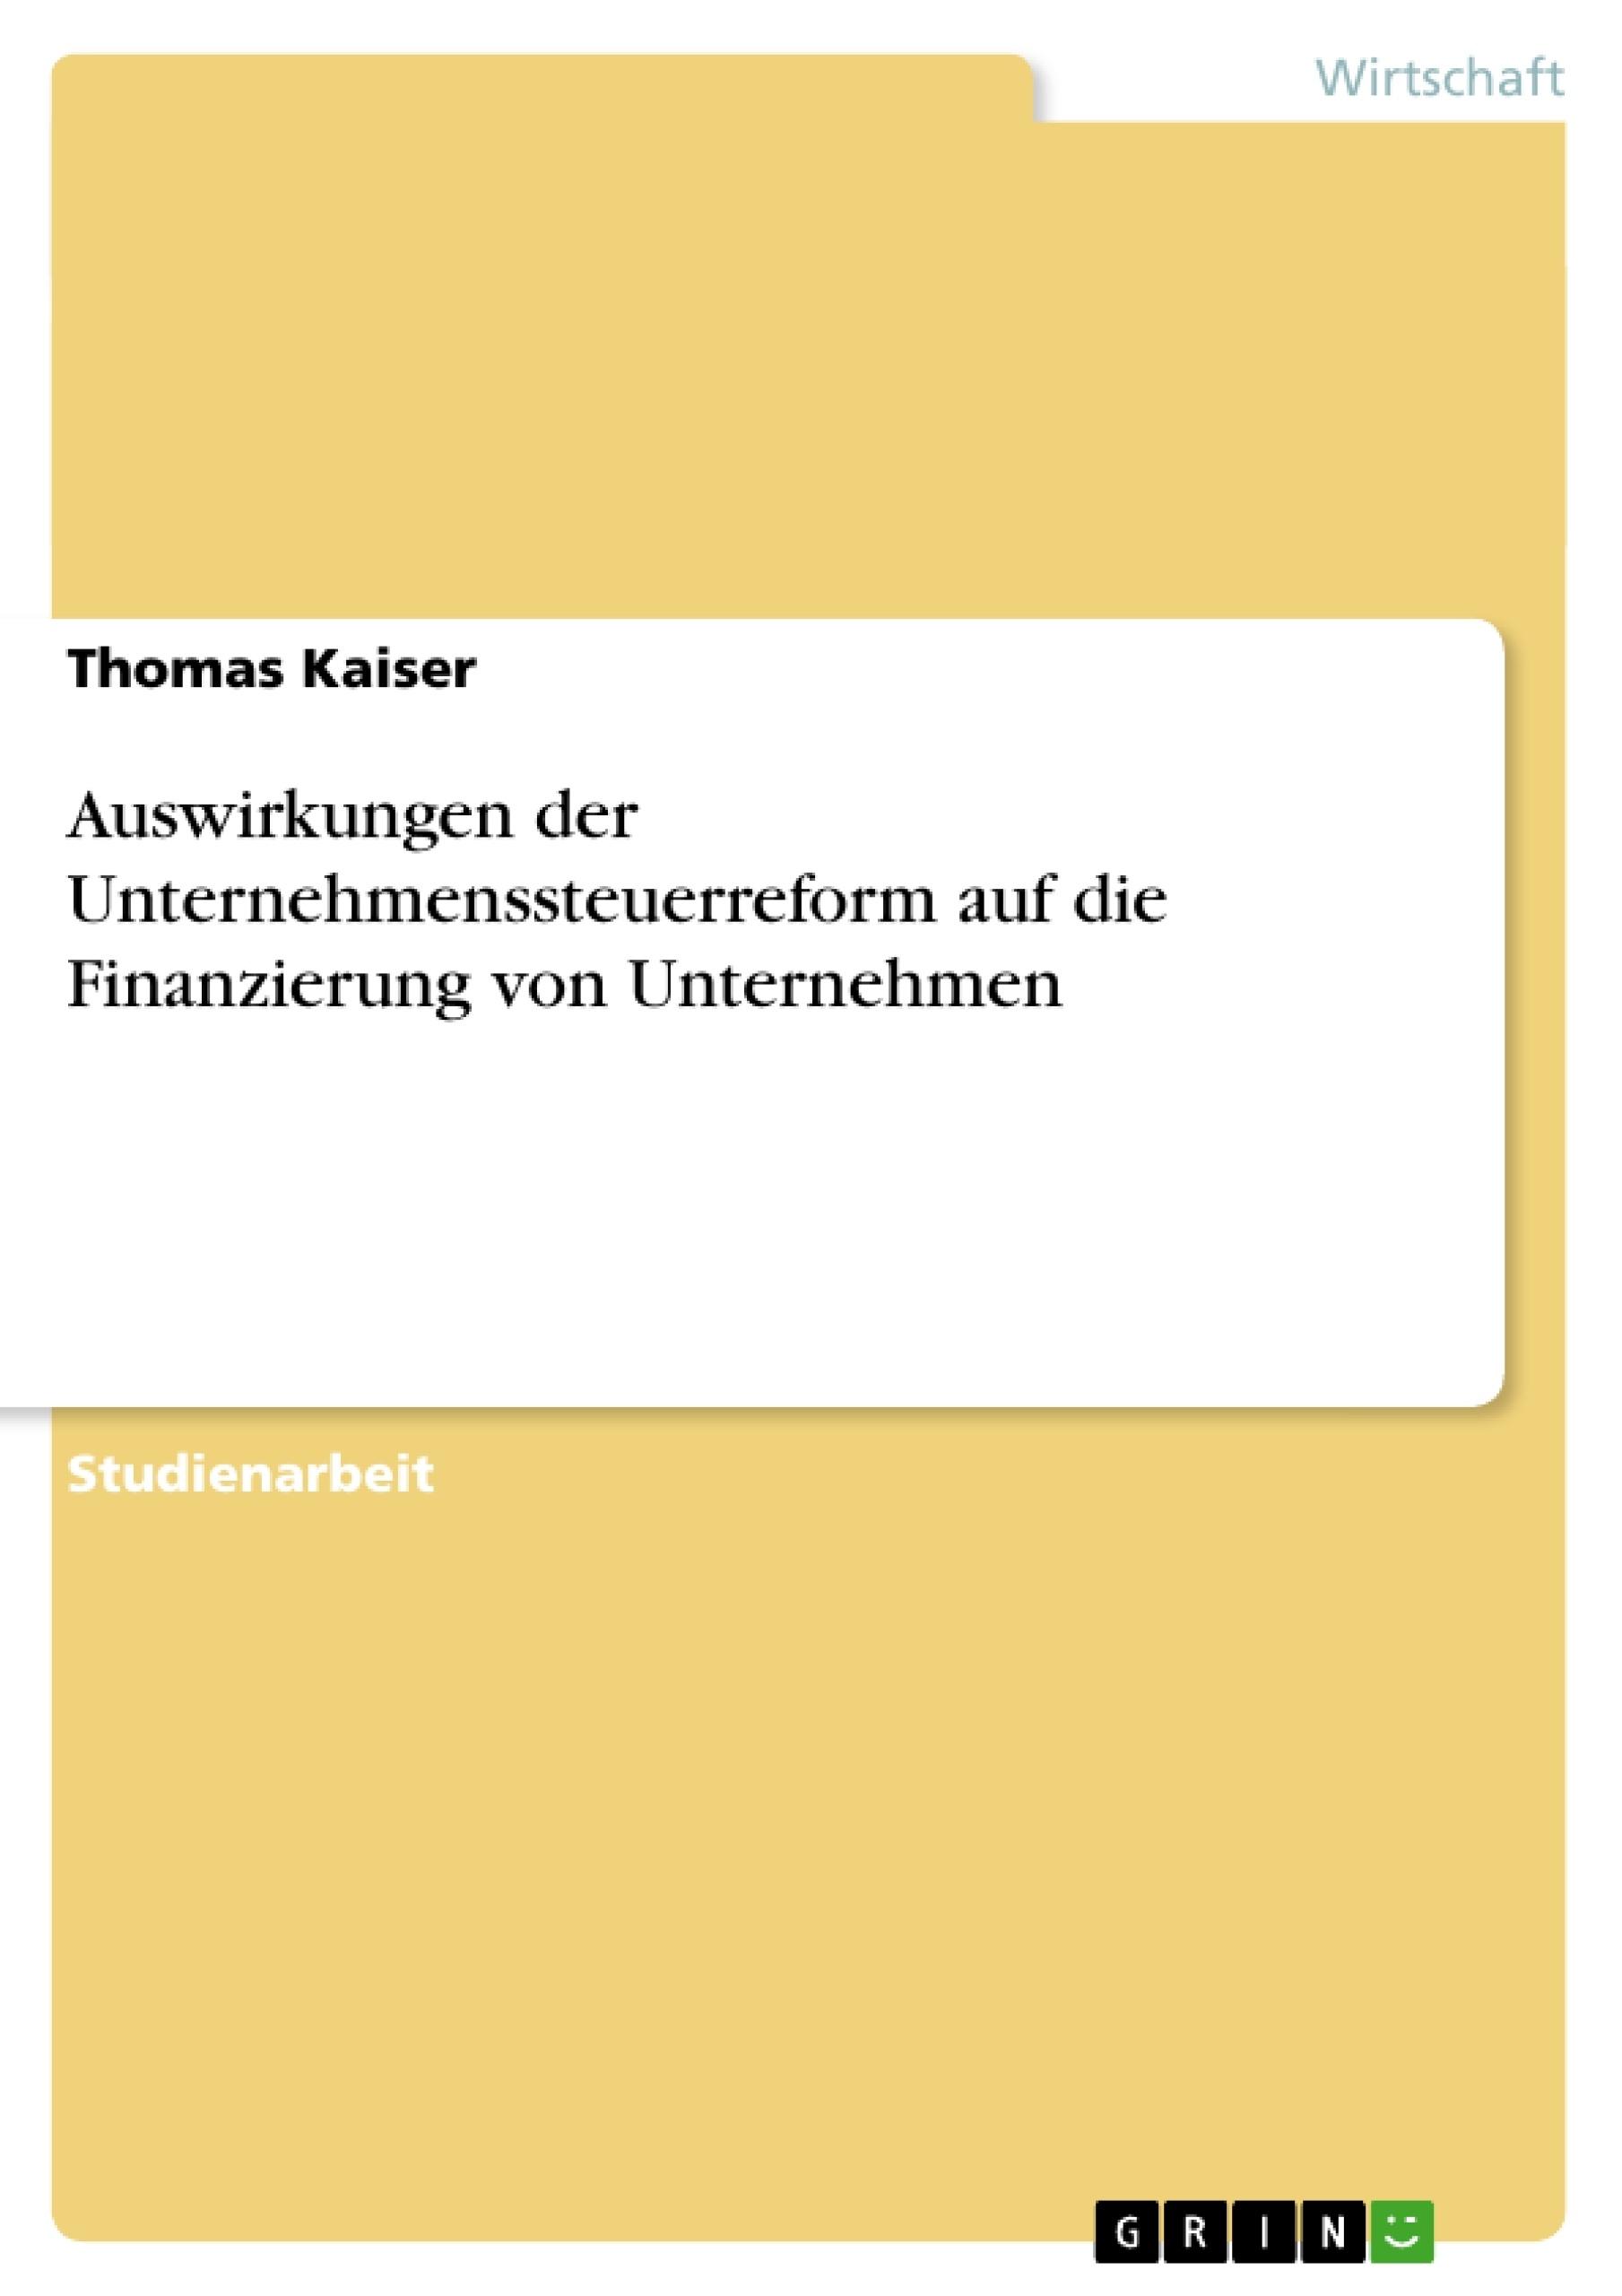 Titel: Auswirkungen der Unternehmenssteuerreform auf die Finanzierung von Unternehmen